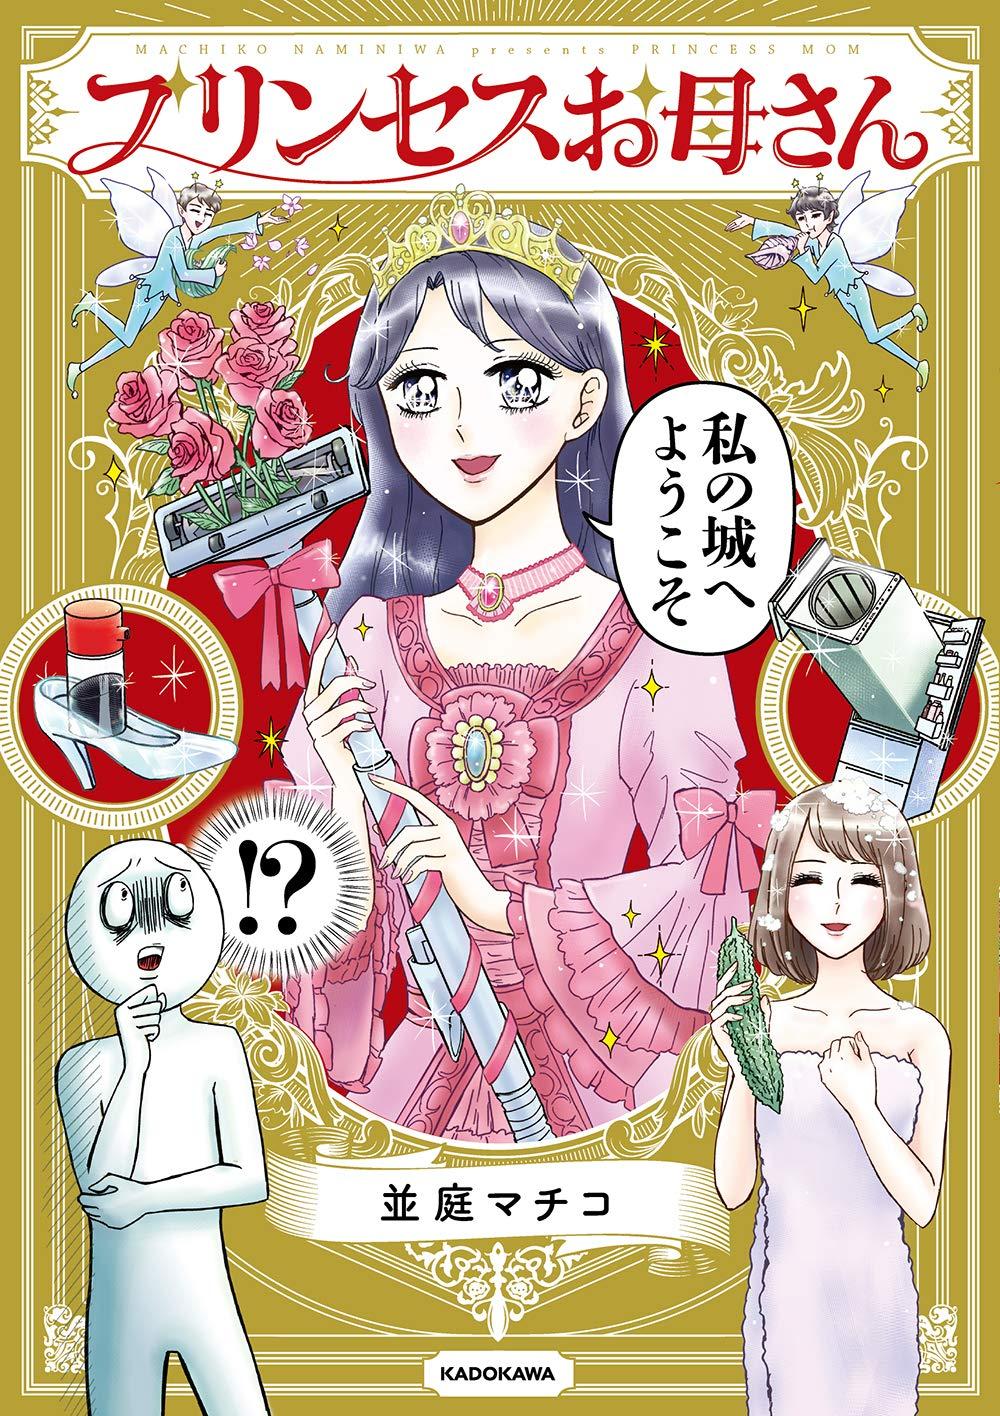 並庭 マチコ 『プリンセスお母さん 』(KADOKAWA、2019年11月29日)